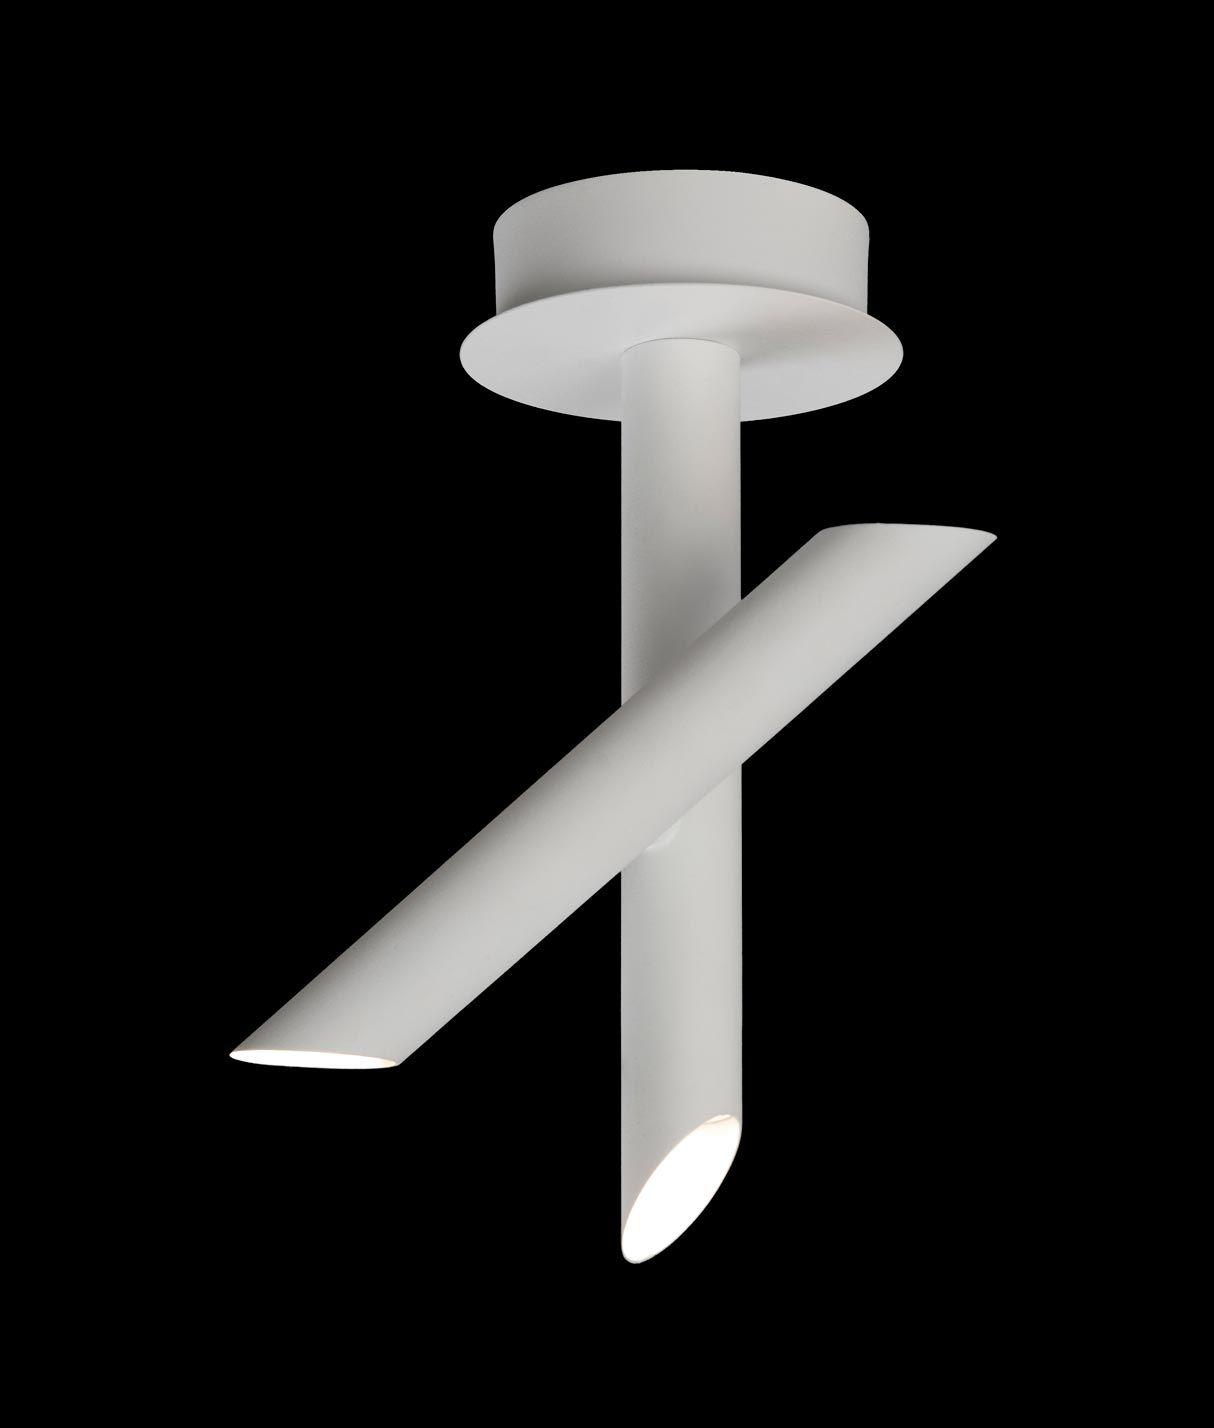 Lámparas plafón LED minimalista TAKE ⋆ La Casa de la ...